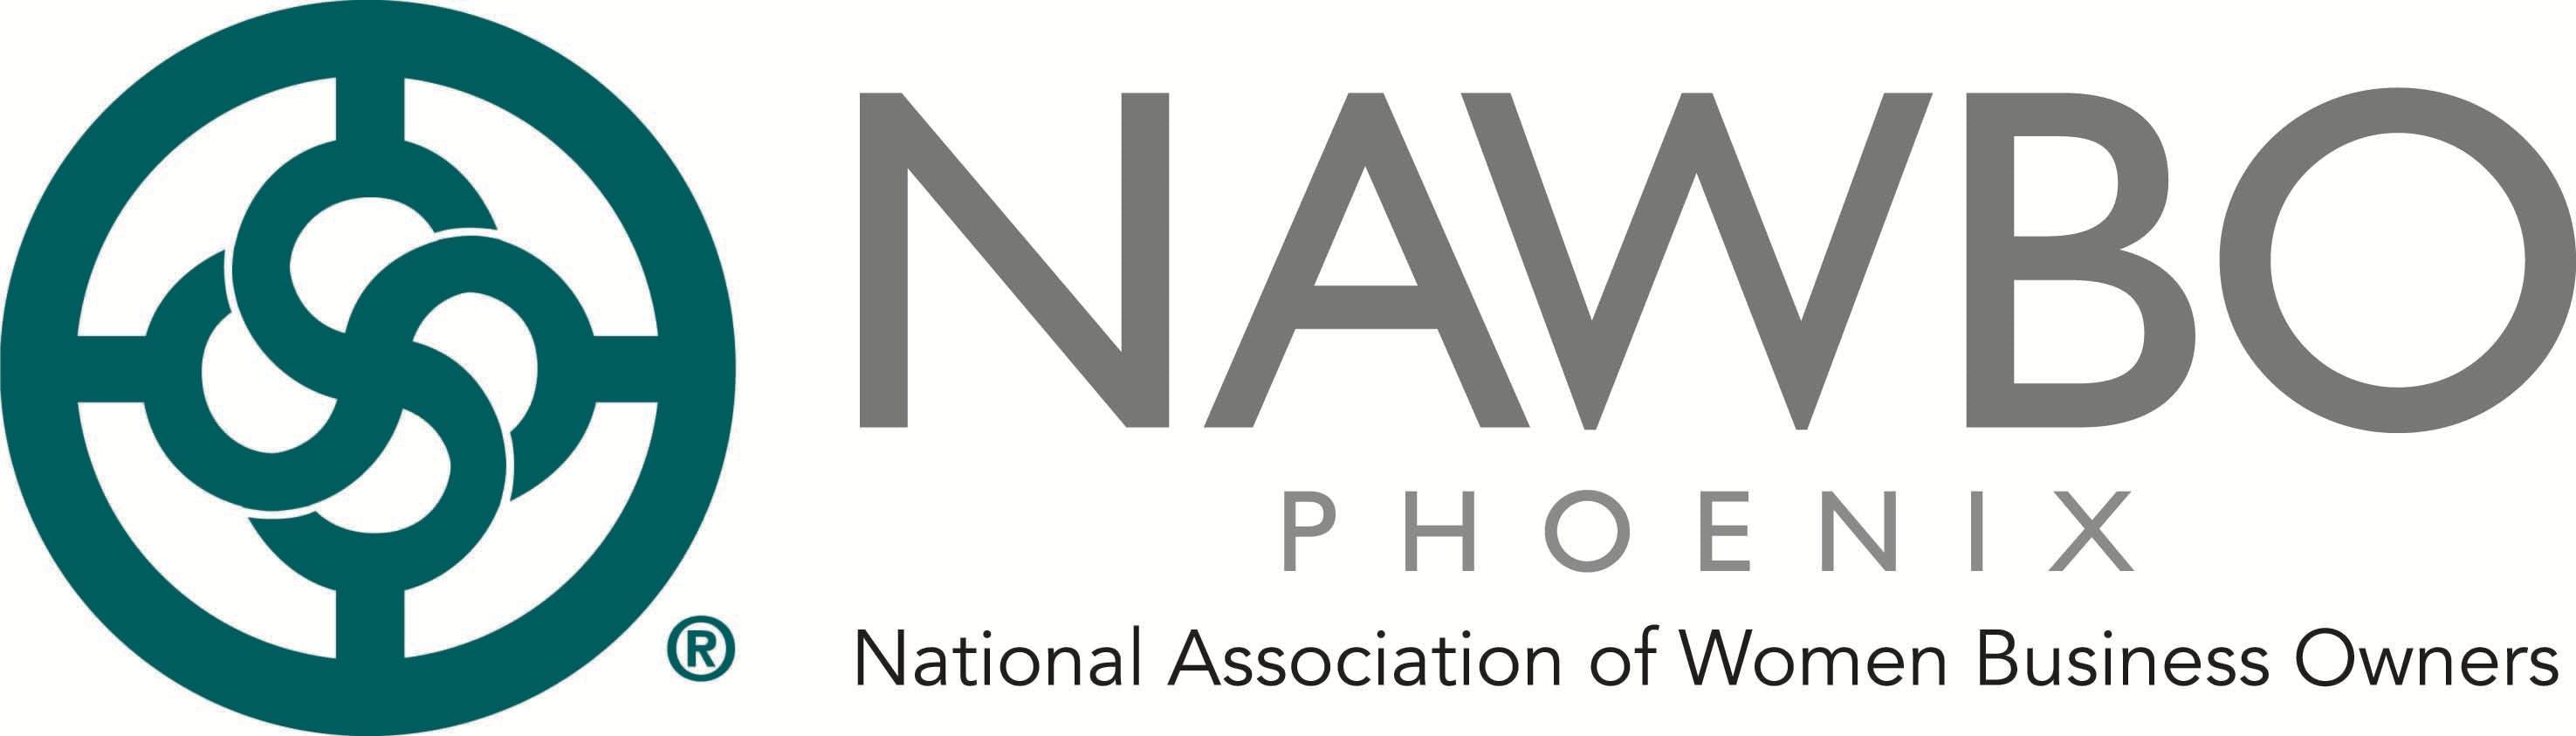 NAWBO Vision 2019|2020